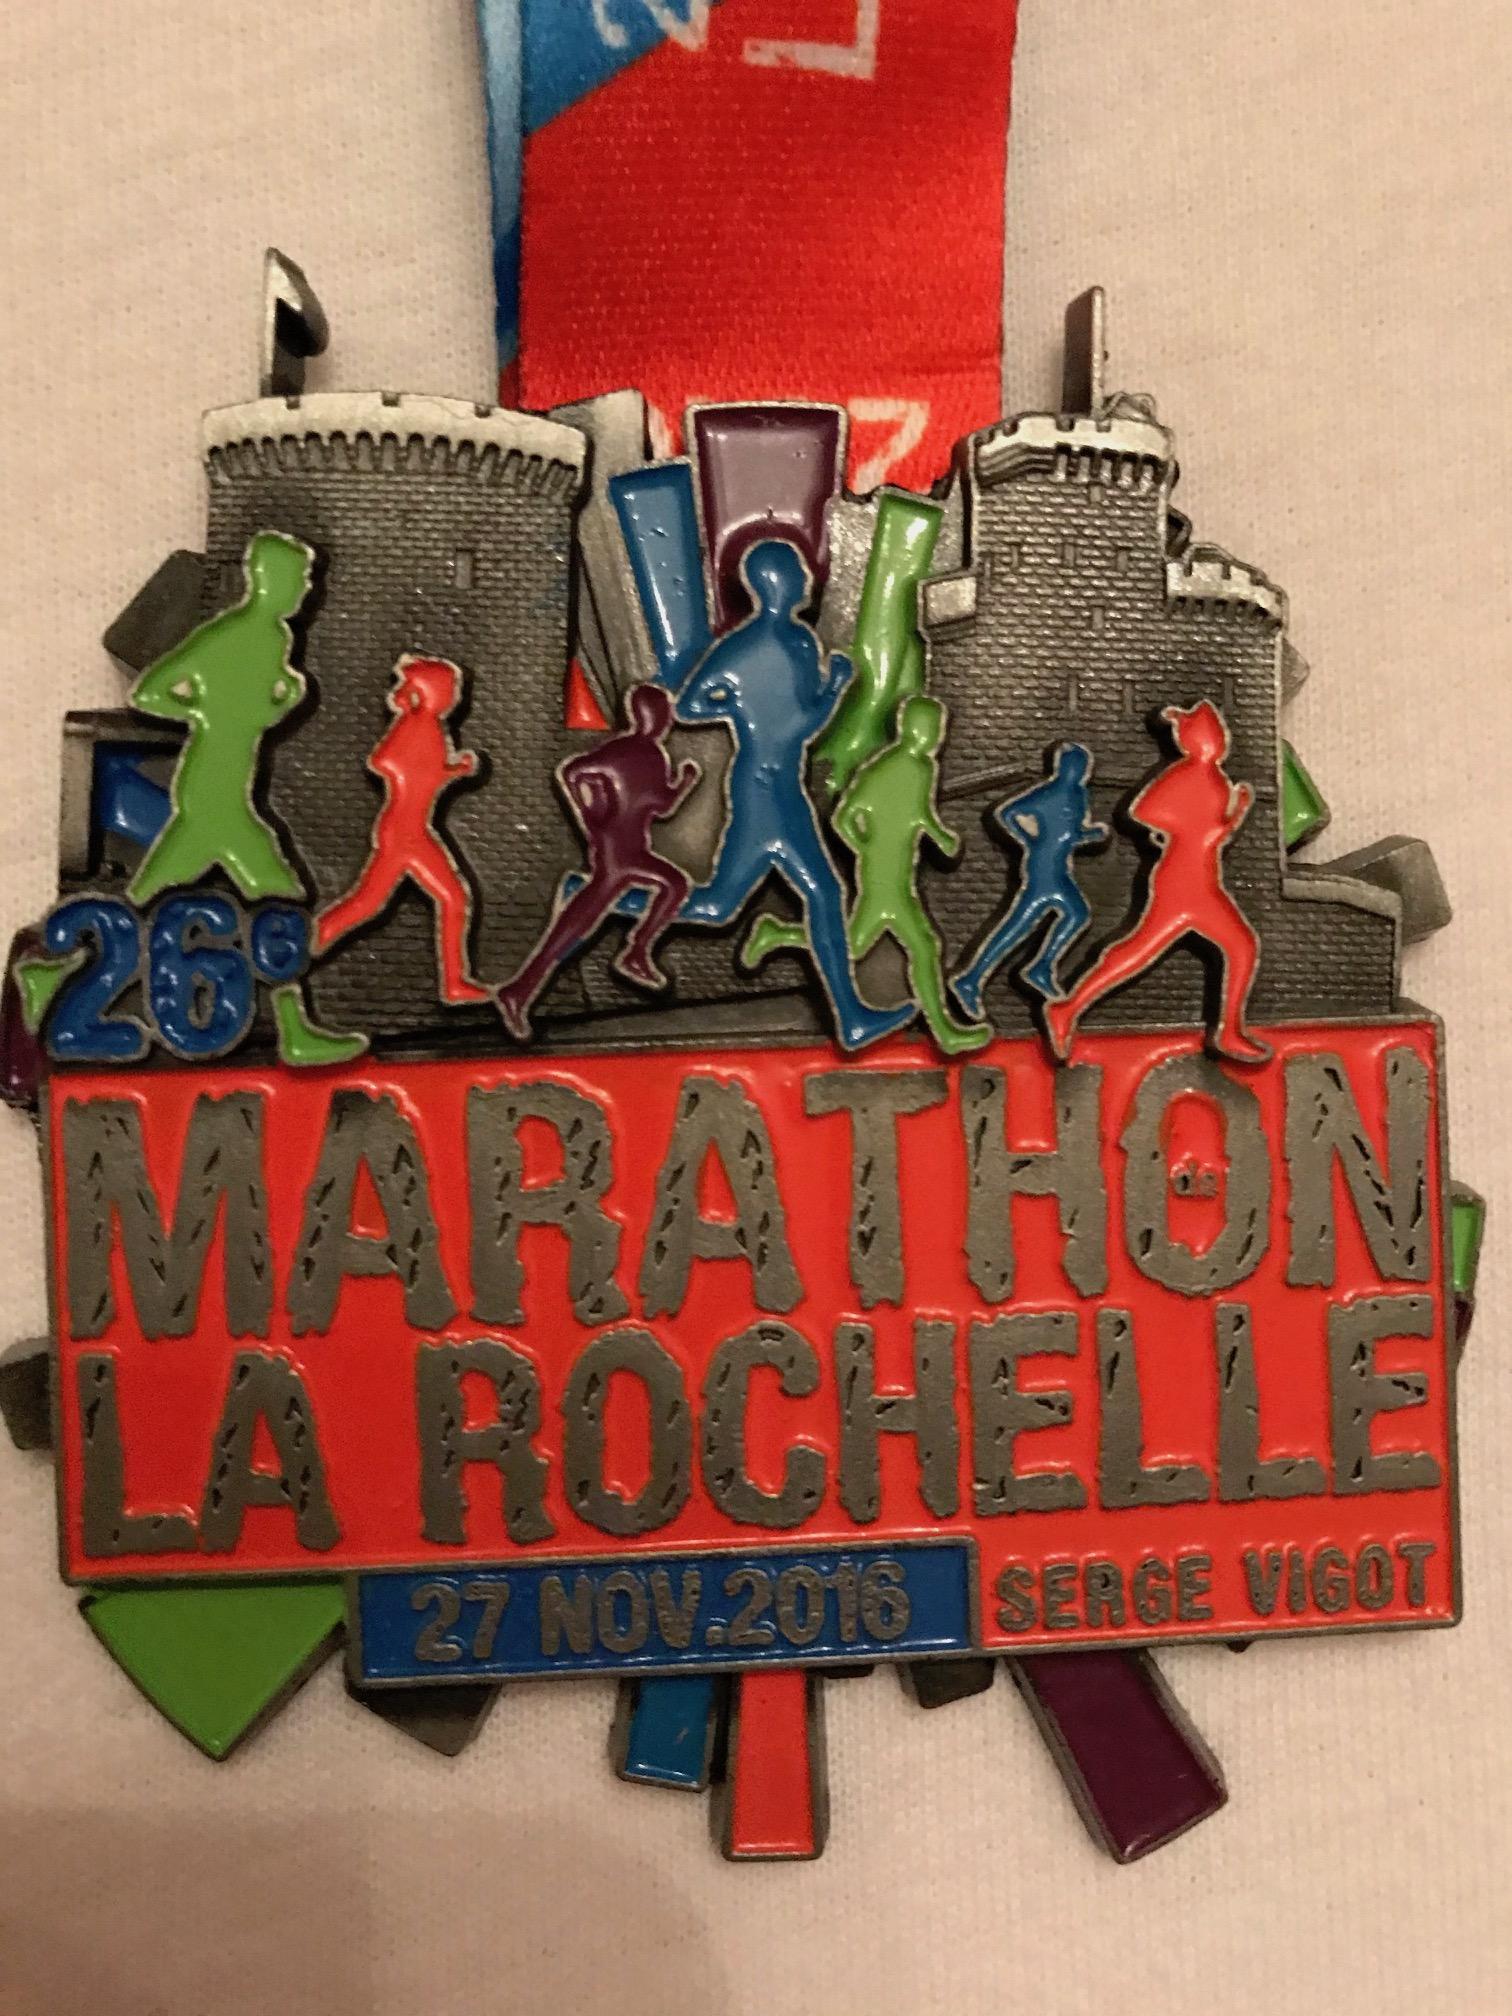 Marathon La rochelle